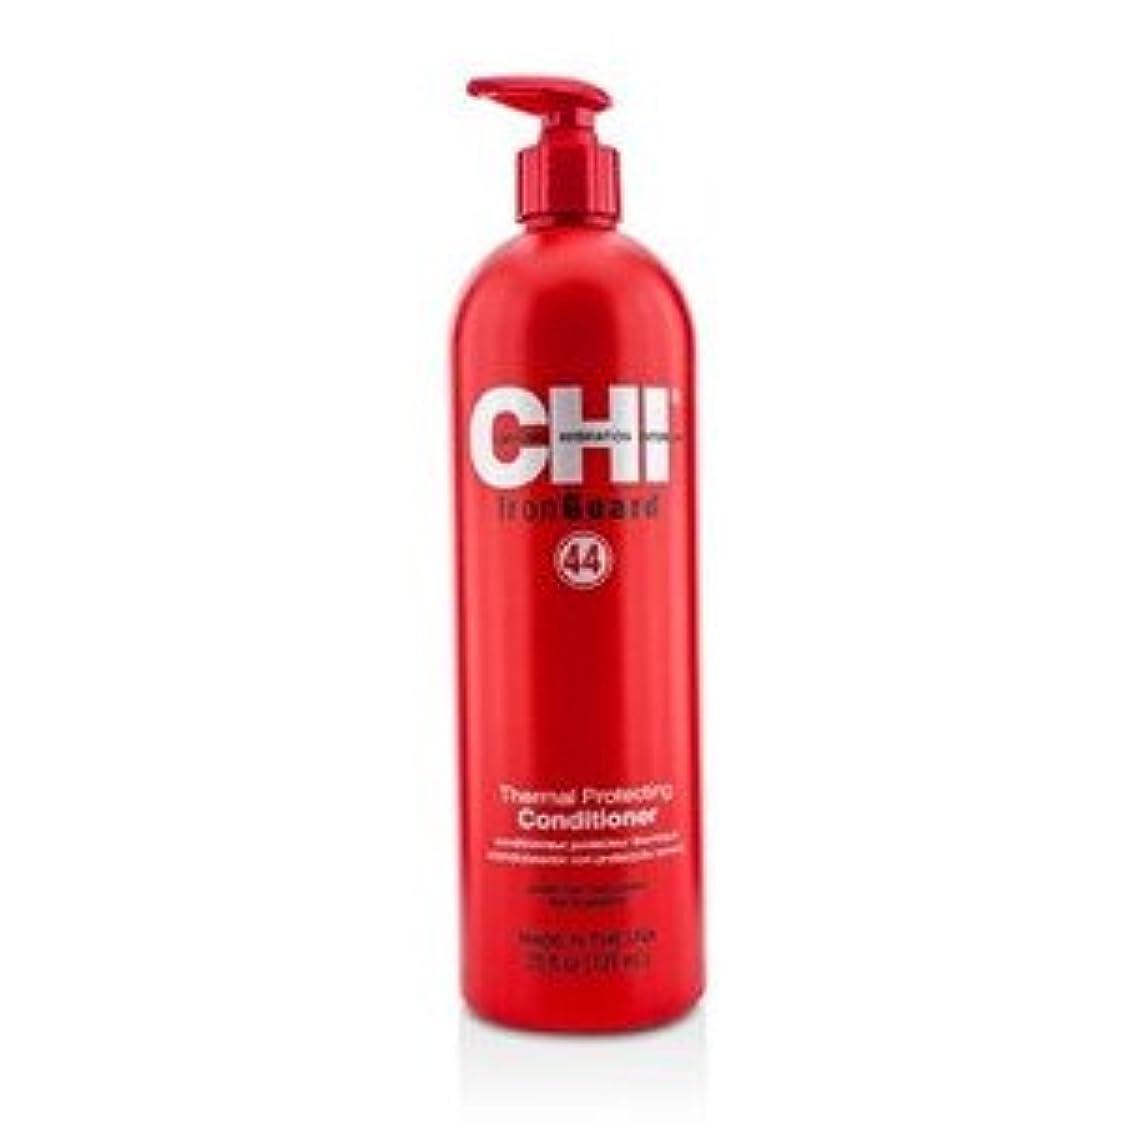 レジ骨宣言CHI CHI44 アイロン ガード サーマル プロテクティング コンディショナー 739ml/25oz [並行輸入品]